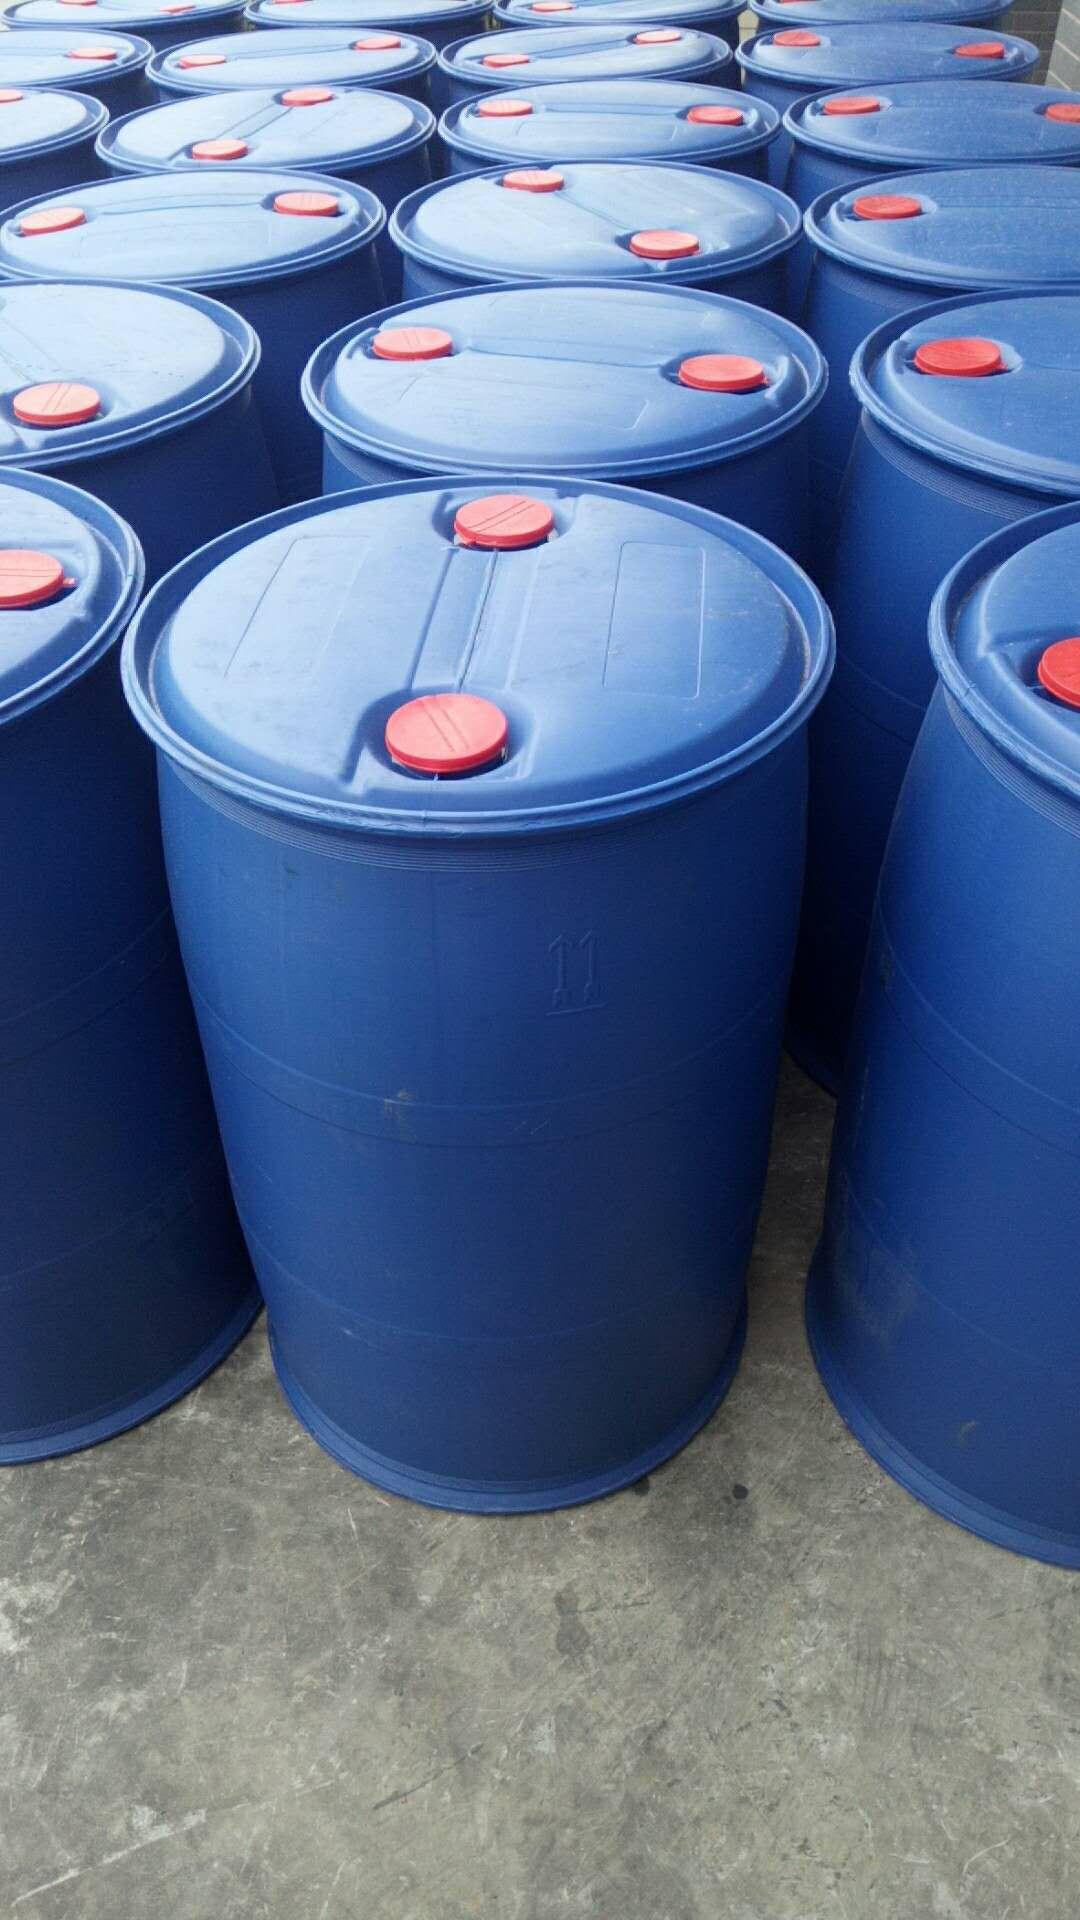 甲基丙烯酸生产厂家直销1桶起订